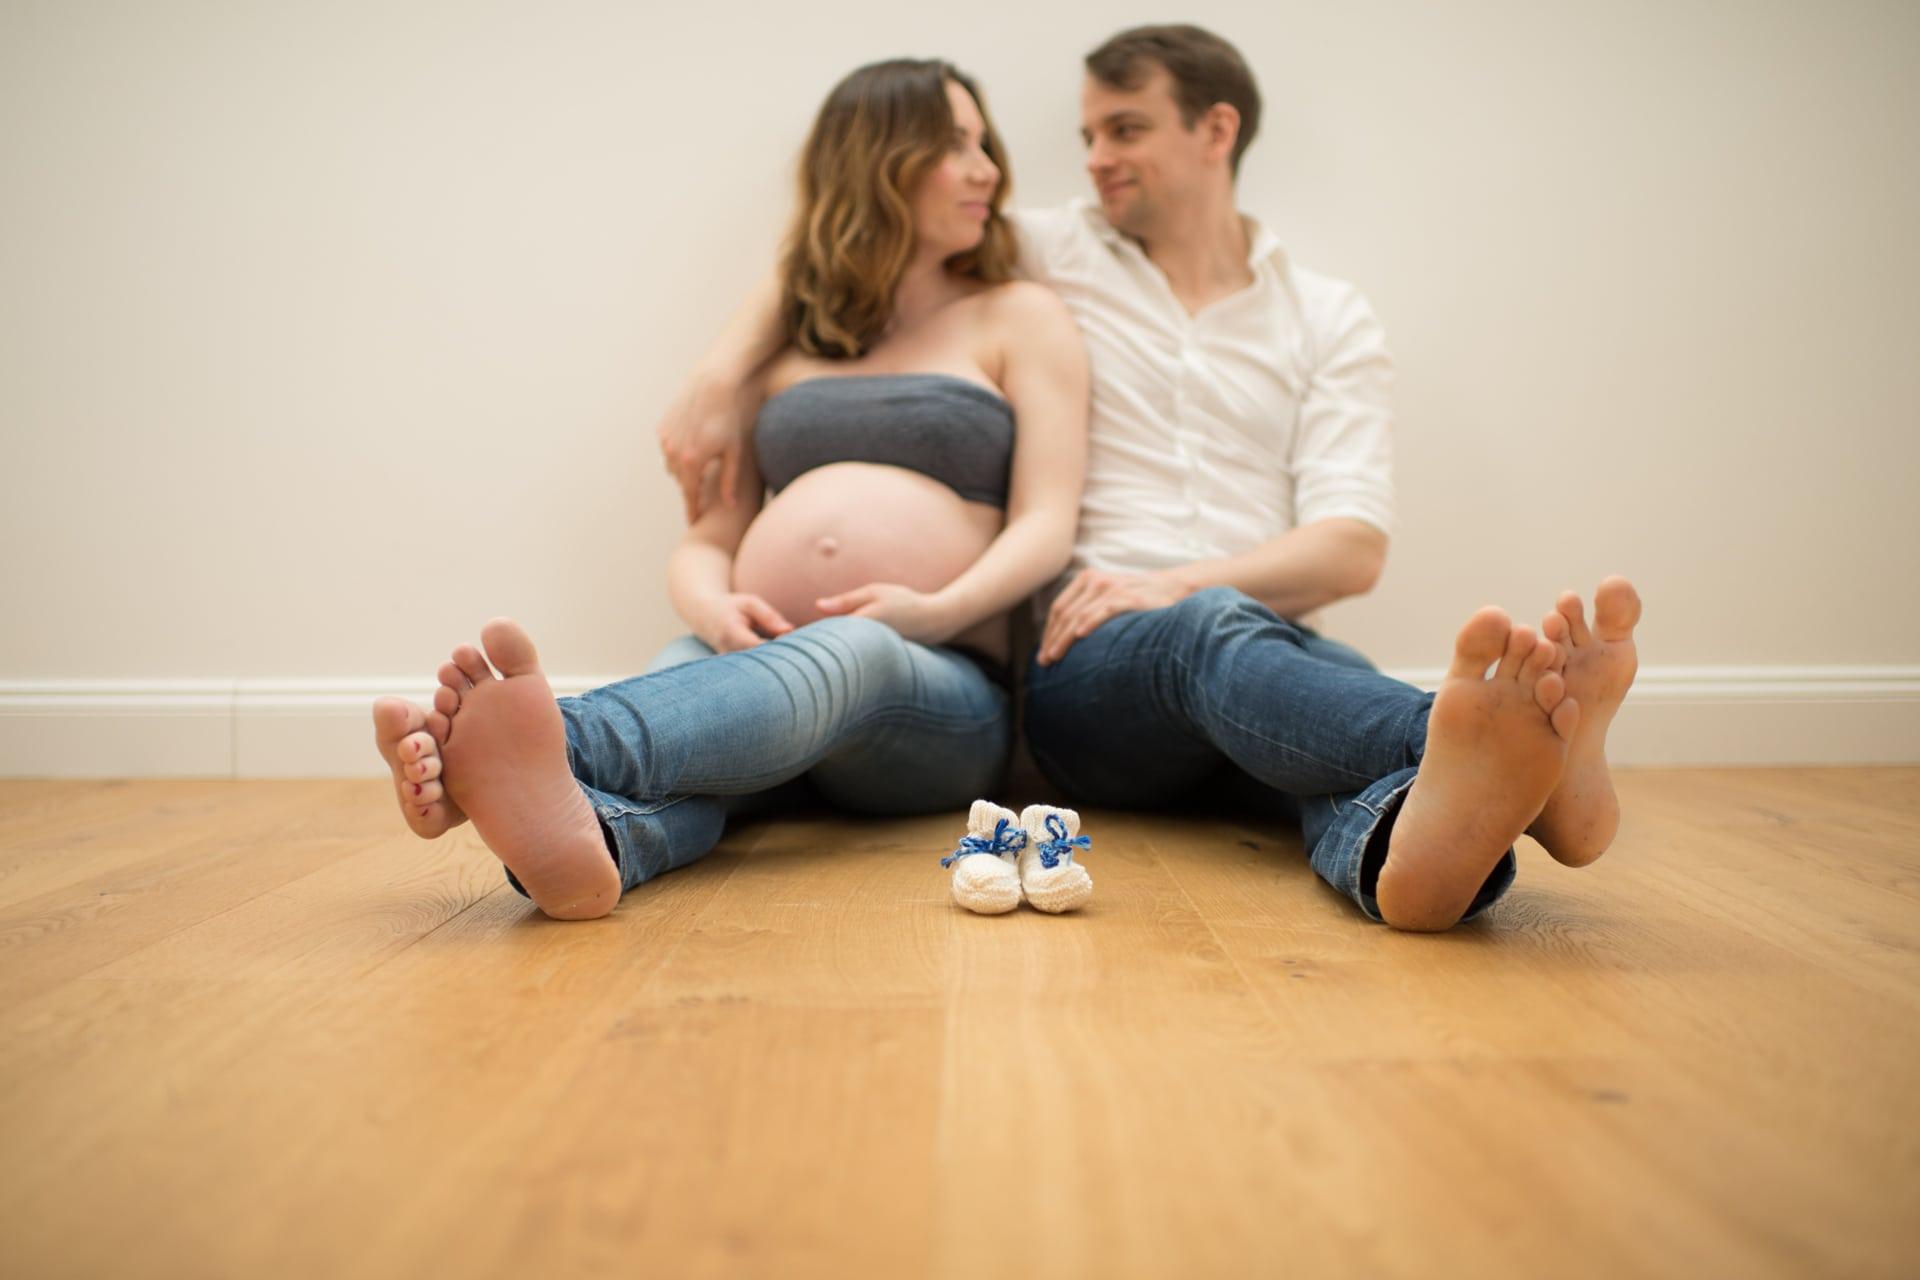 schwangerschaft-fotos-babybauch-27